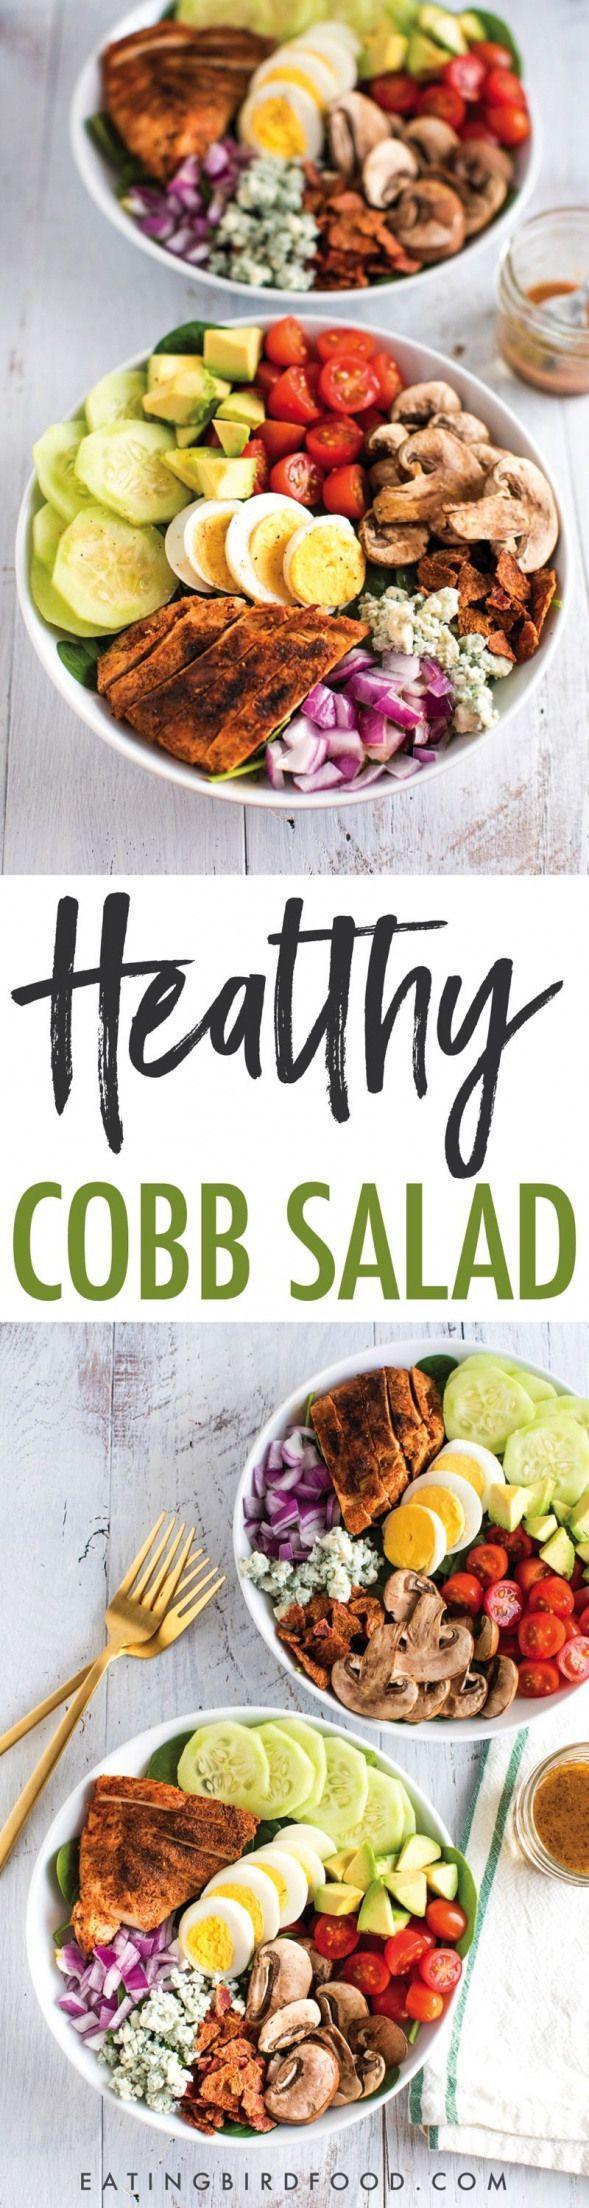 Blackened Chicken Cobb Salad #paleohacksrecipes #blackenedchicken Blackened Chicken Cobb Salad #paleohacksrecipes #blackenedchicken